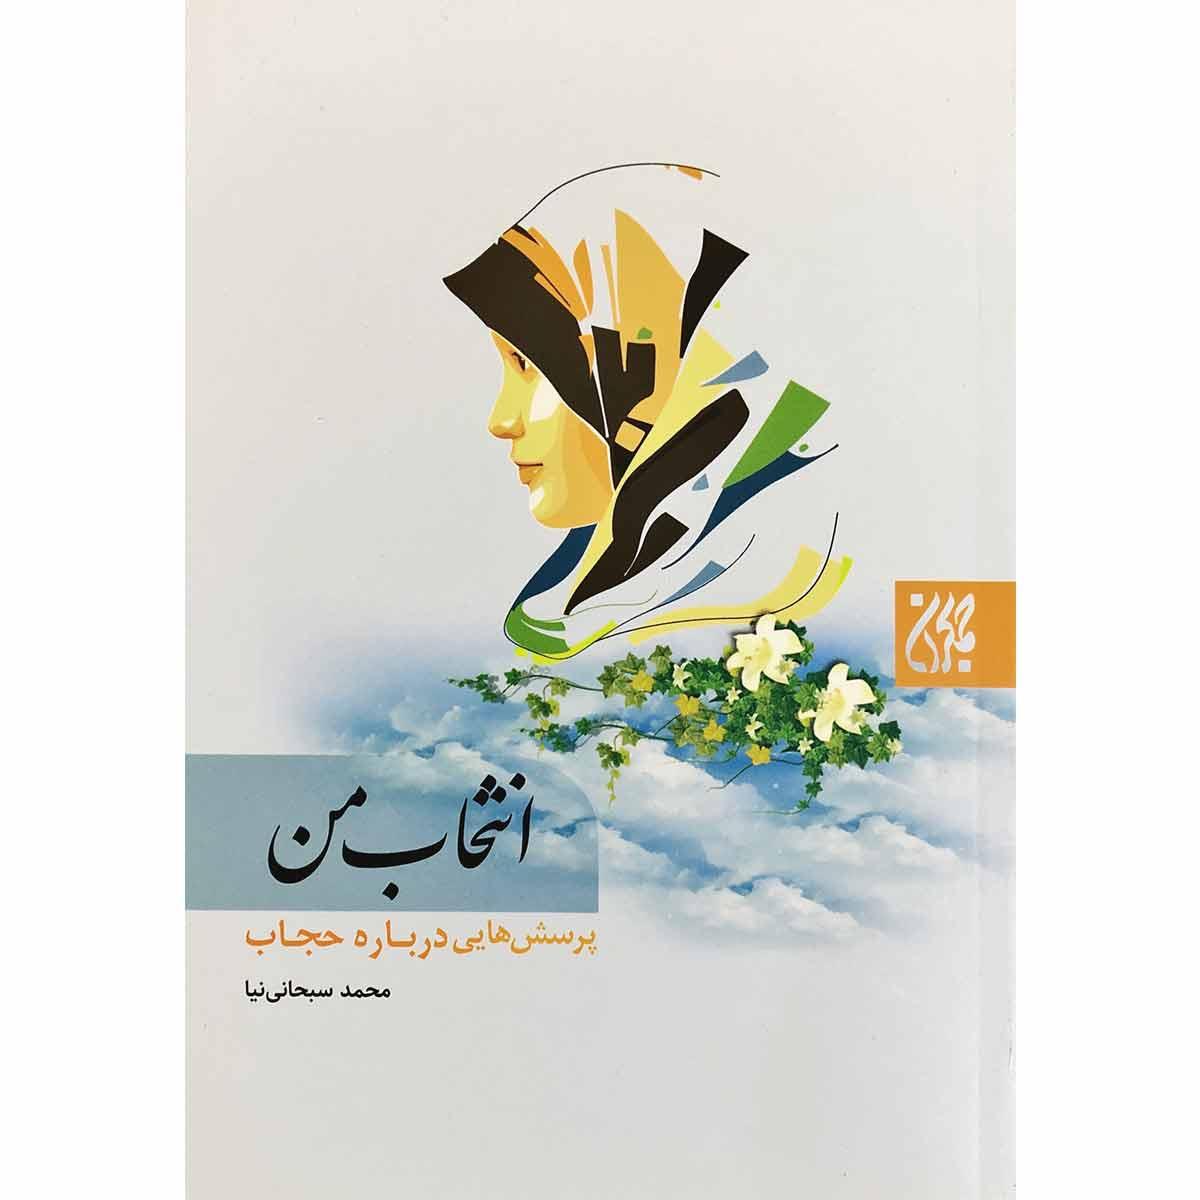 کتاب انتخاب من اثر محمد سبحانی نیا انتشارات جمکران